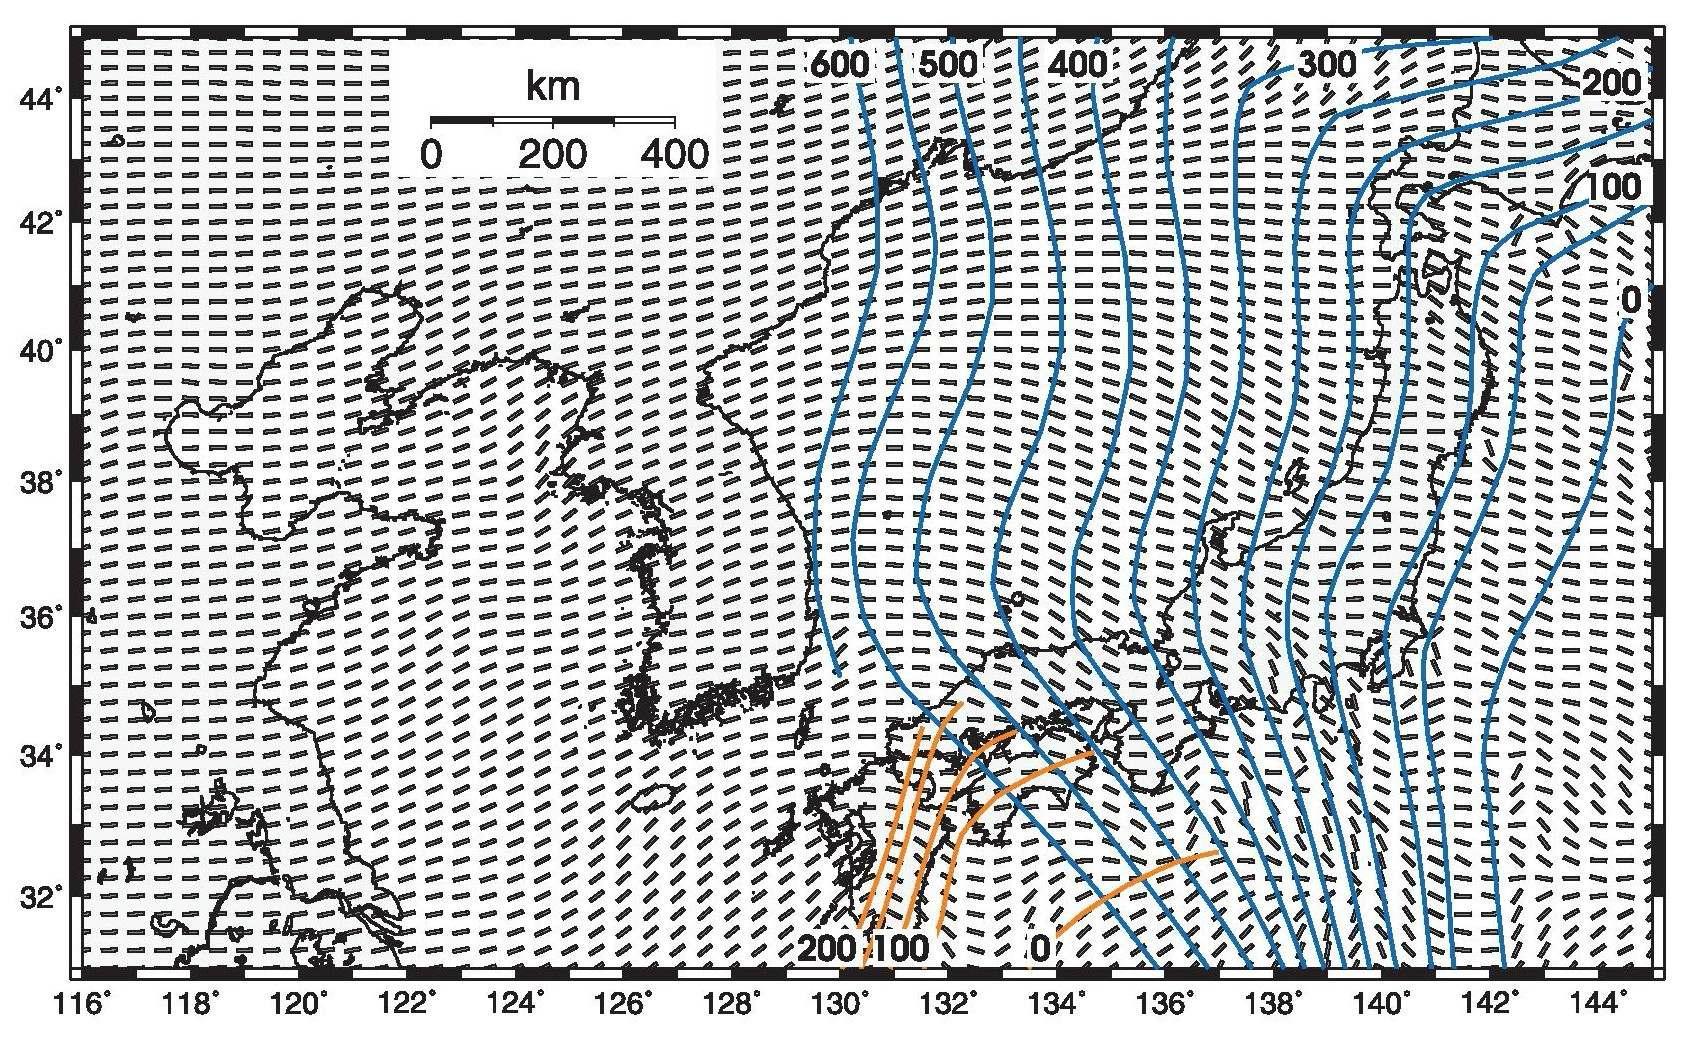 단층 면 해의 P 축 방향으로부터 추론된 압축력 응력 장. 태평양 판과 필리핀 판의 섭입하는 슬랩의 깊이는 표시되었다. 압축력 응력 방향은 슬랩이 섭입하는 방향과 일치하는 것이 관찰되었다.